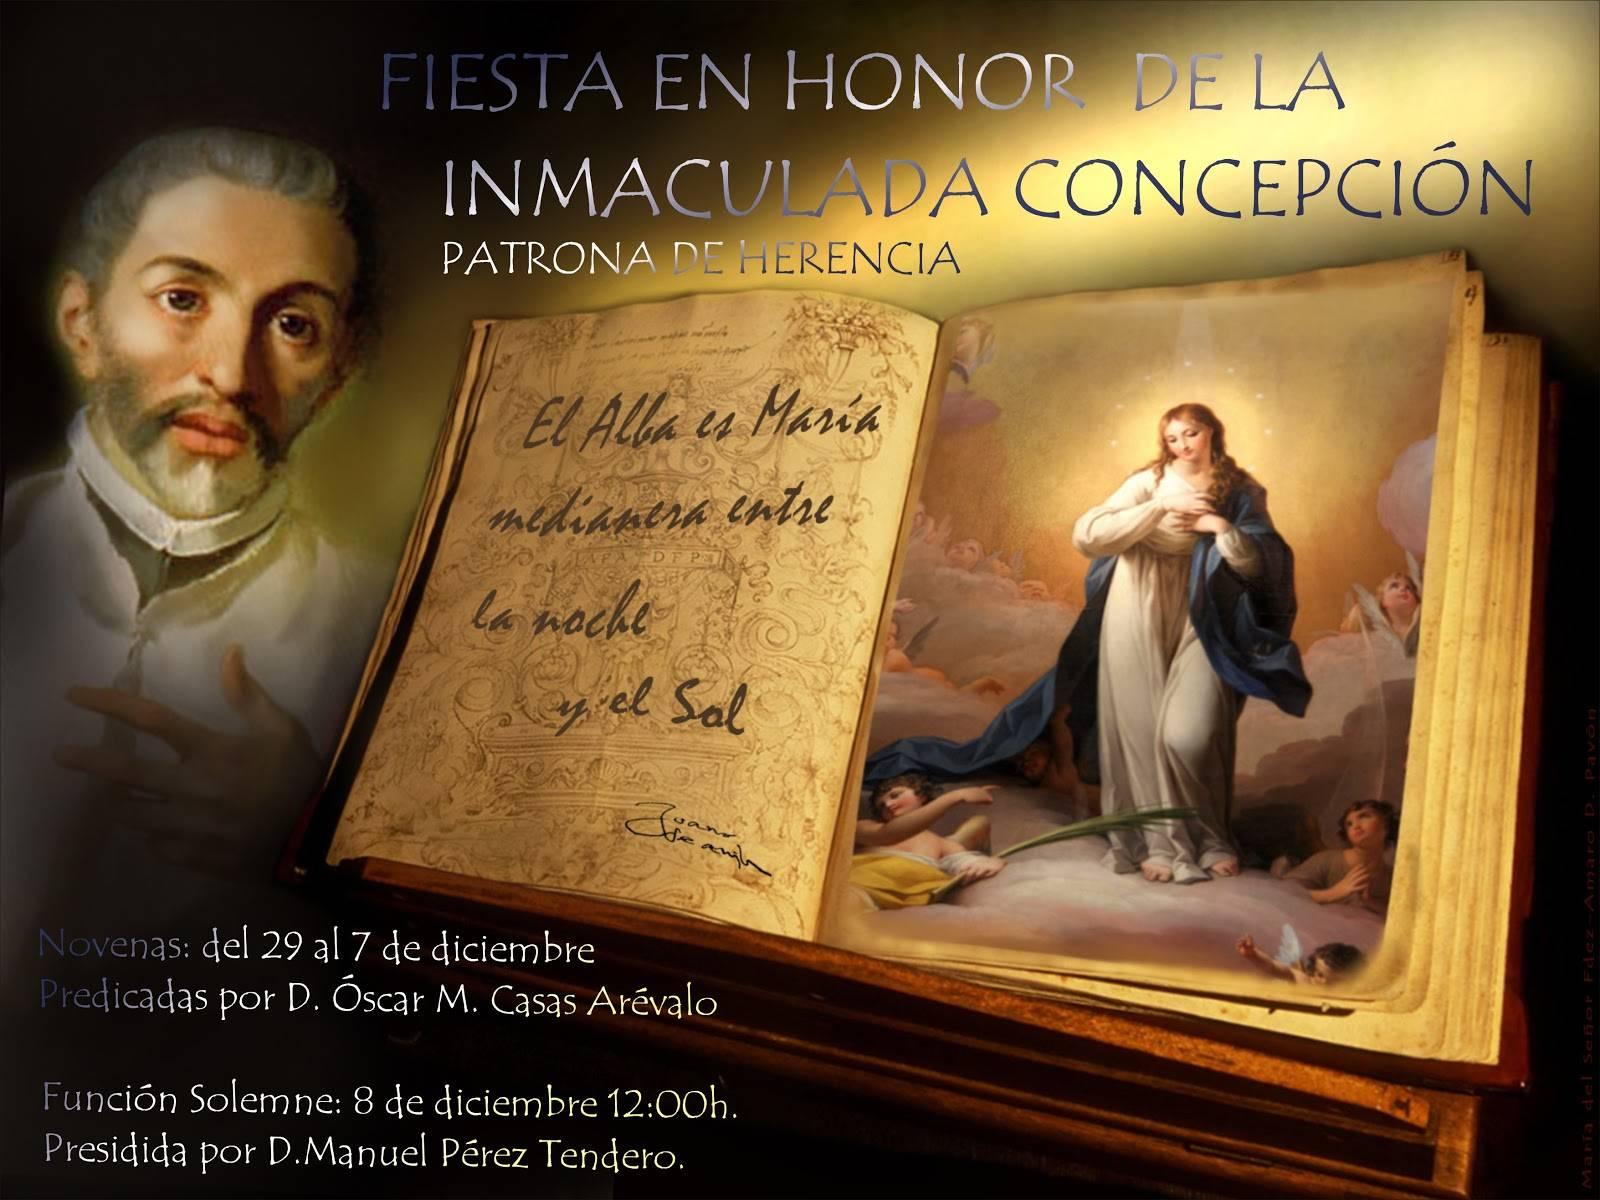 Imaculada Concepción Patrona de Herencia - Fiestas en honor a la Inmaculada Concepción